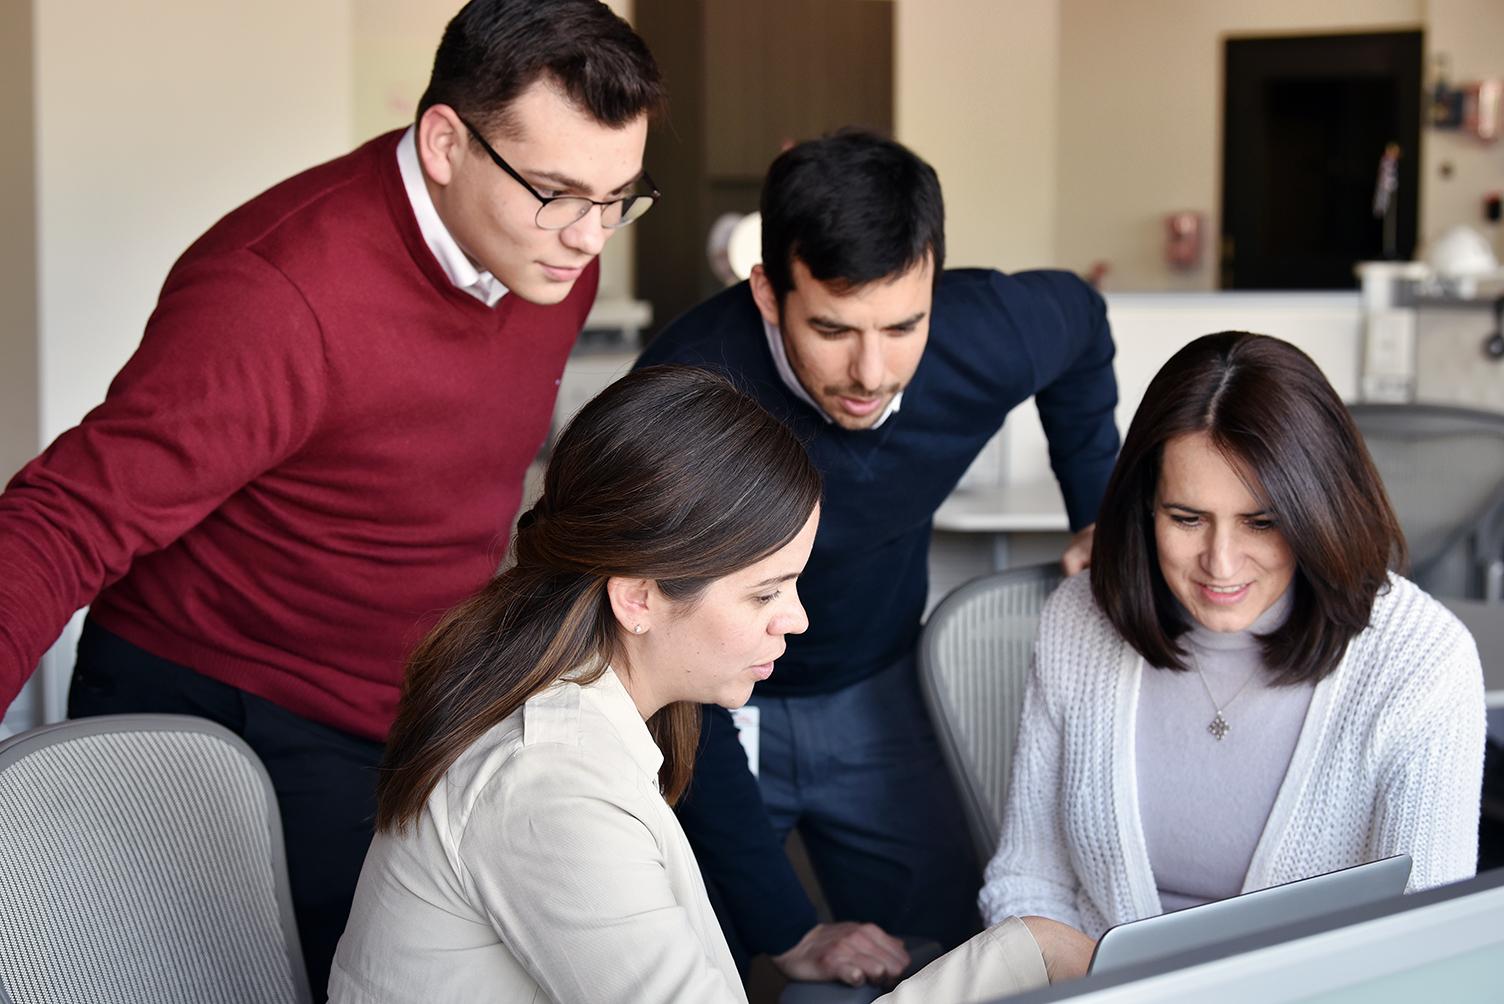 grupo de personas trabajando frente a la computadora